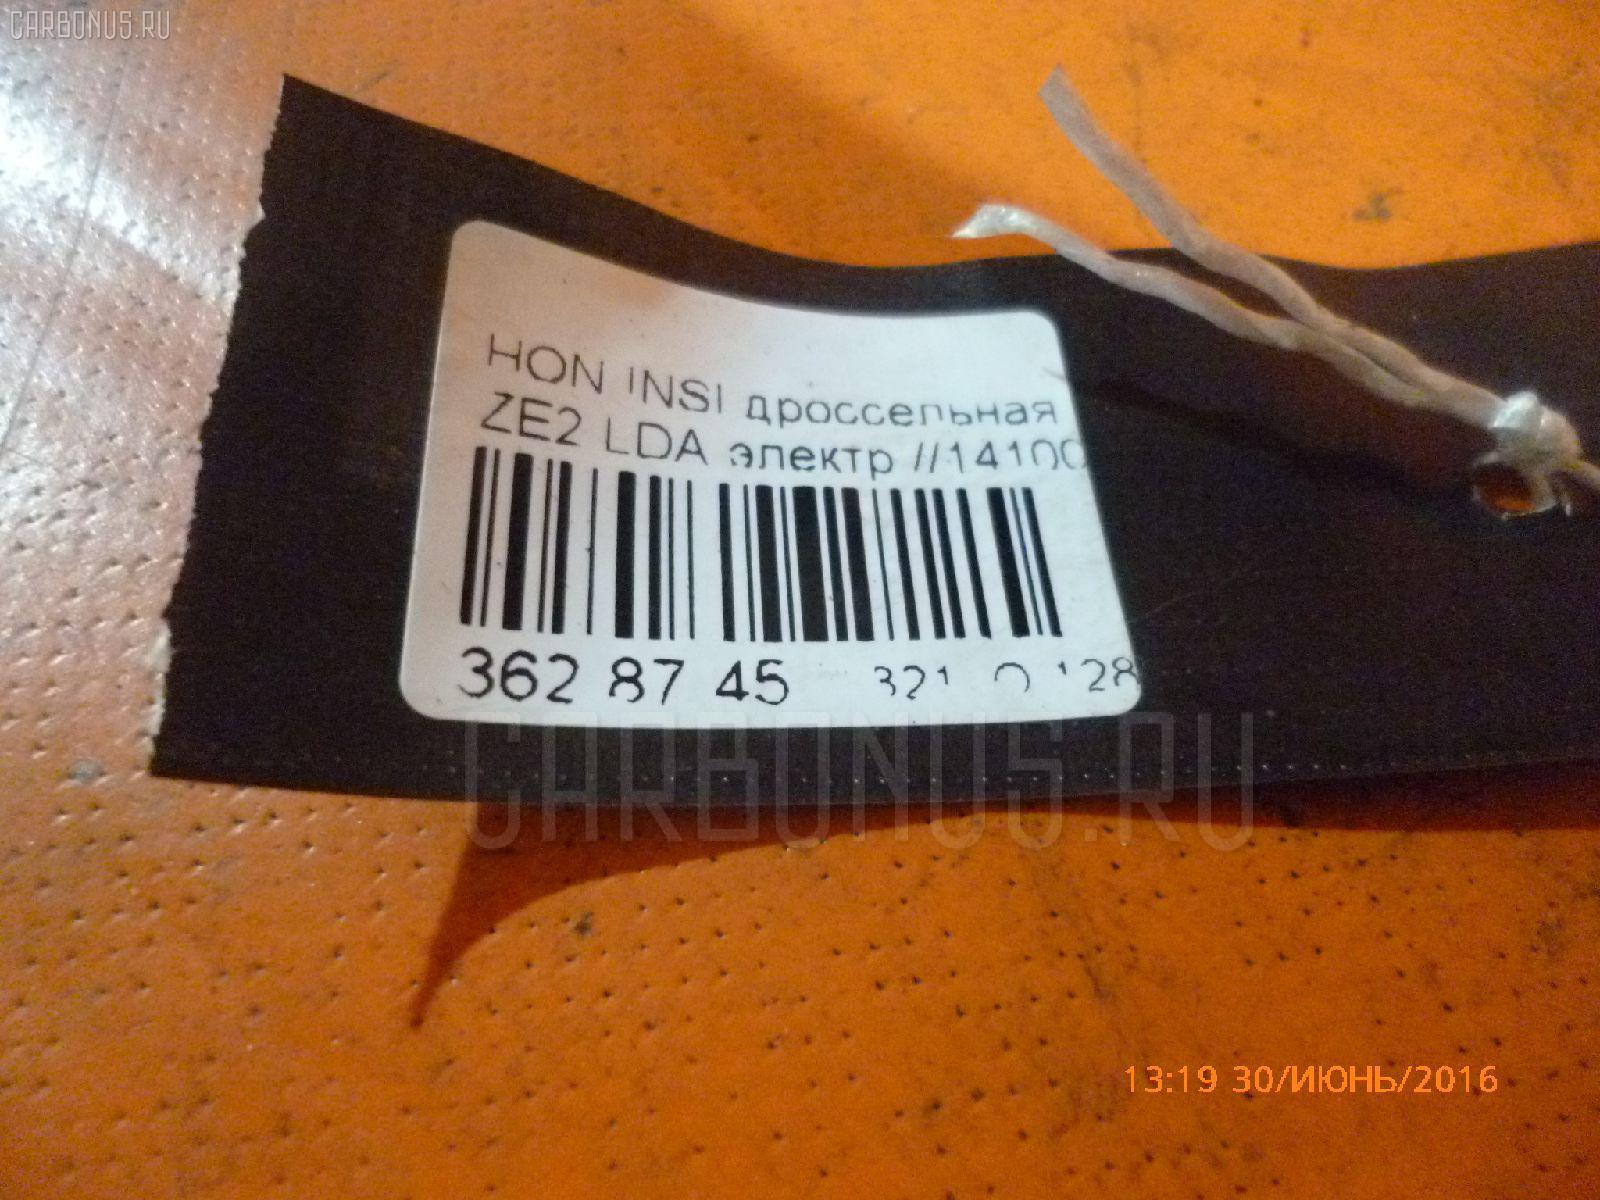 Дроссельная заслонка HONDA INSIGHT ZE2 LDA Фото 7